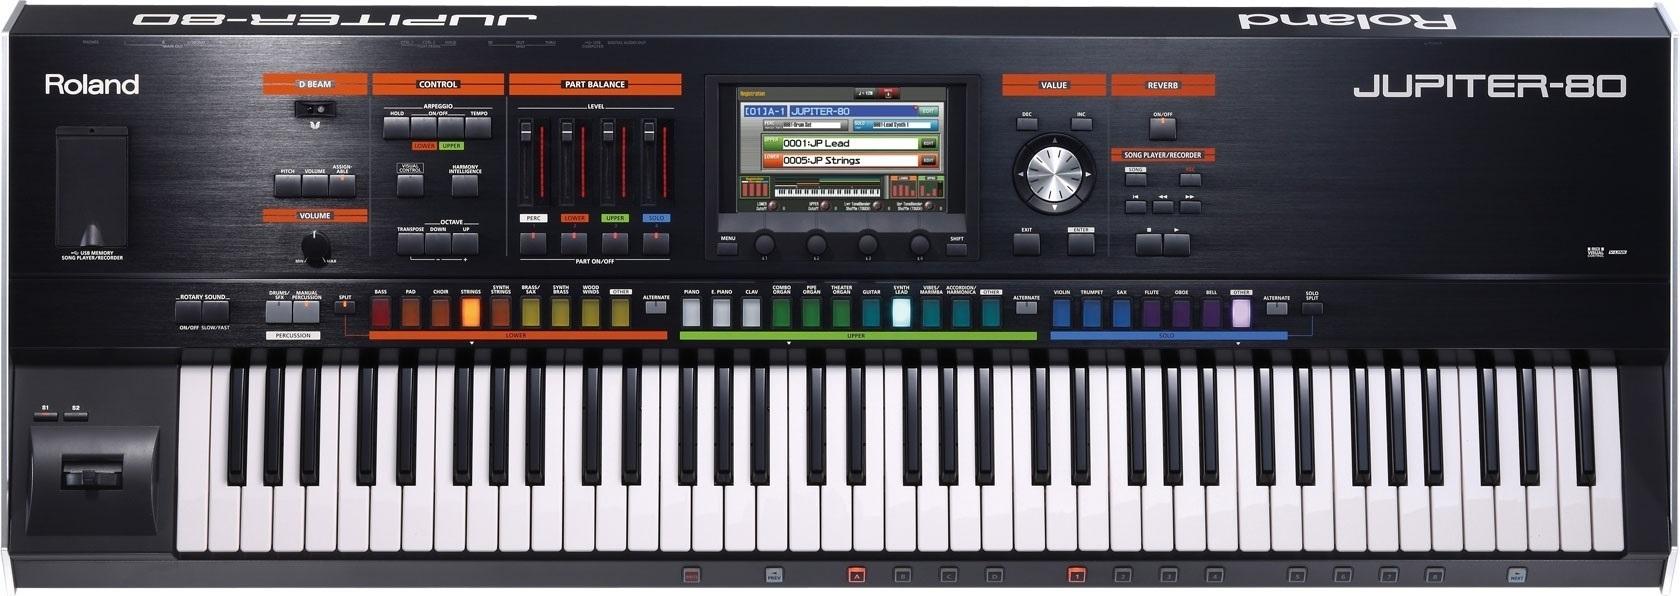 Roland JUPITER-80 Synthesizer